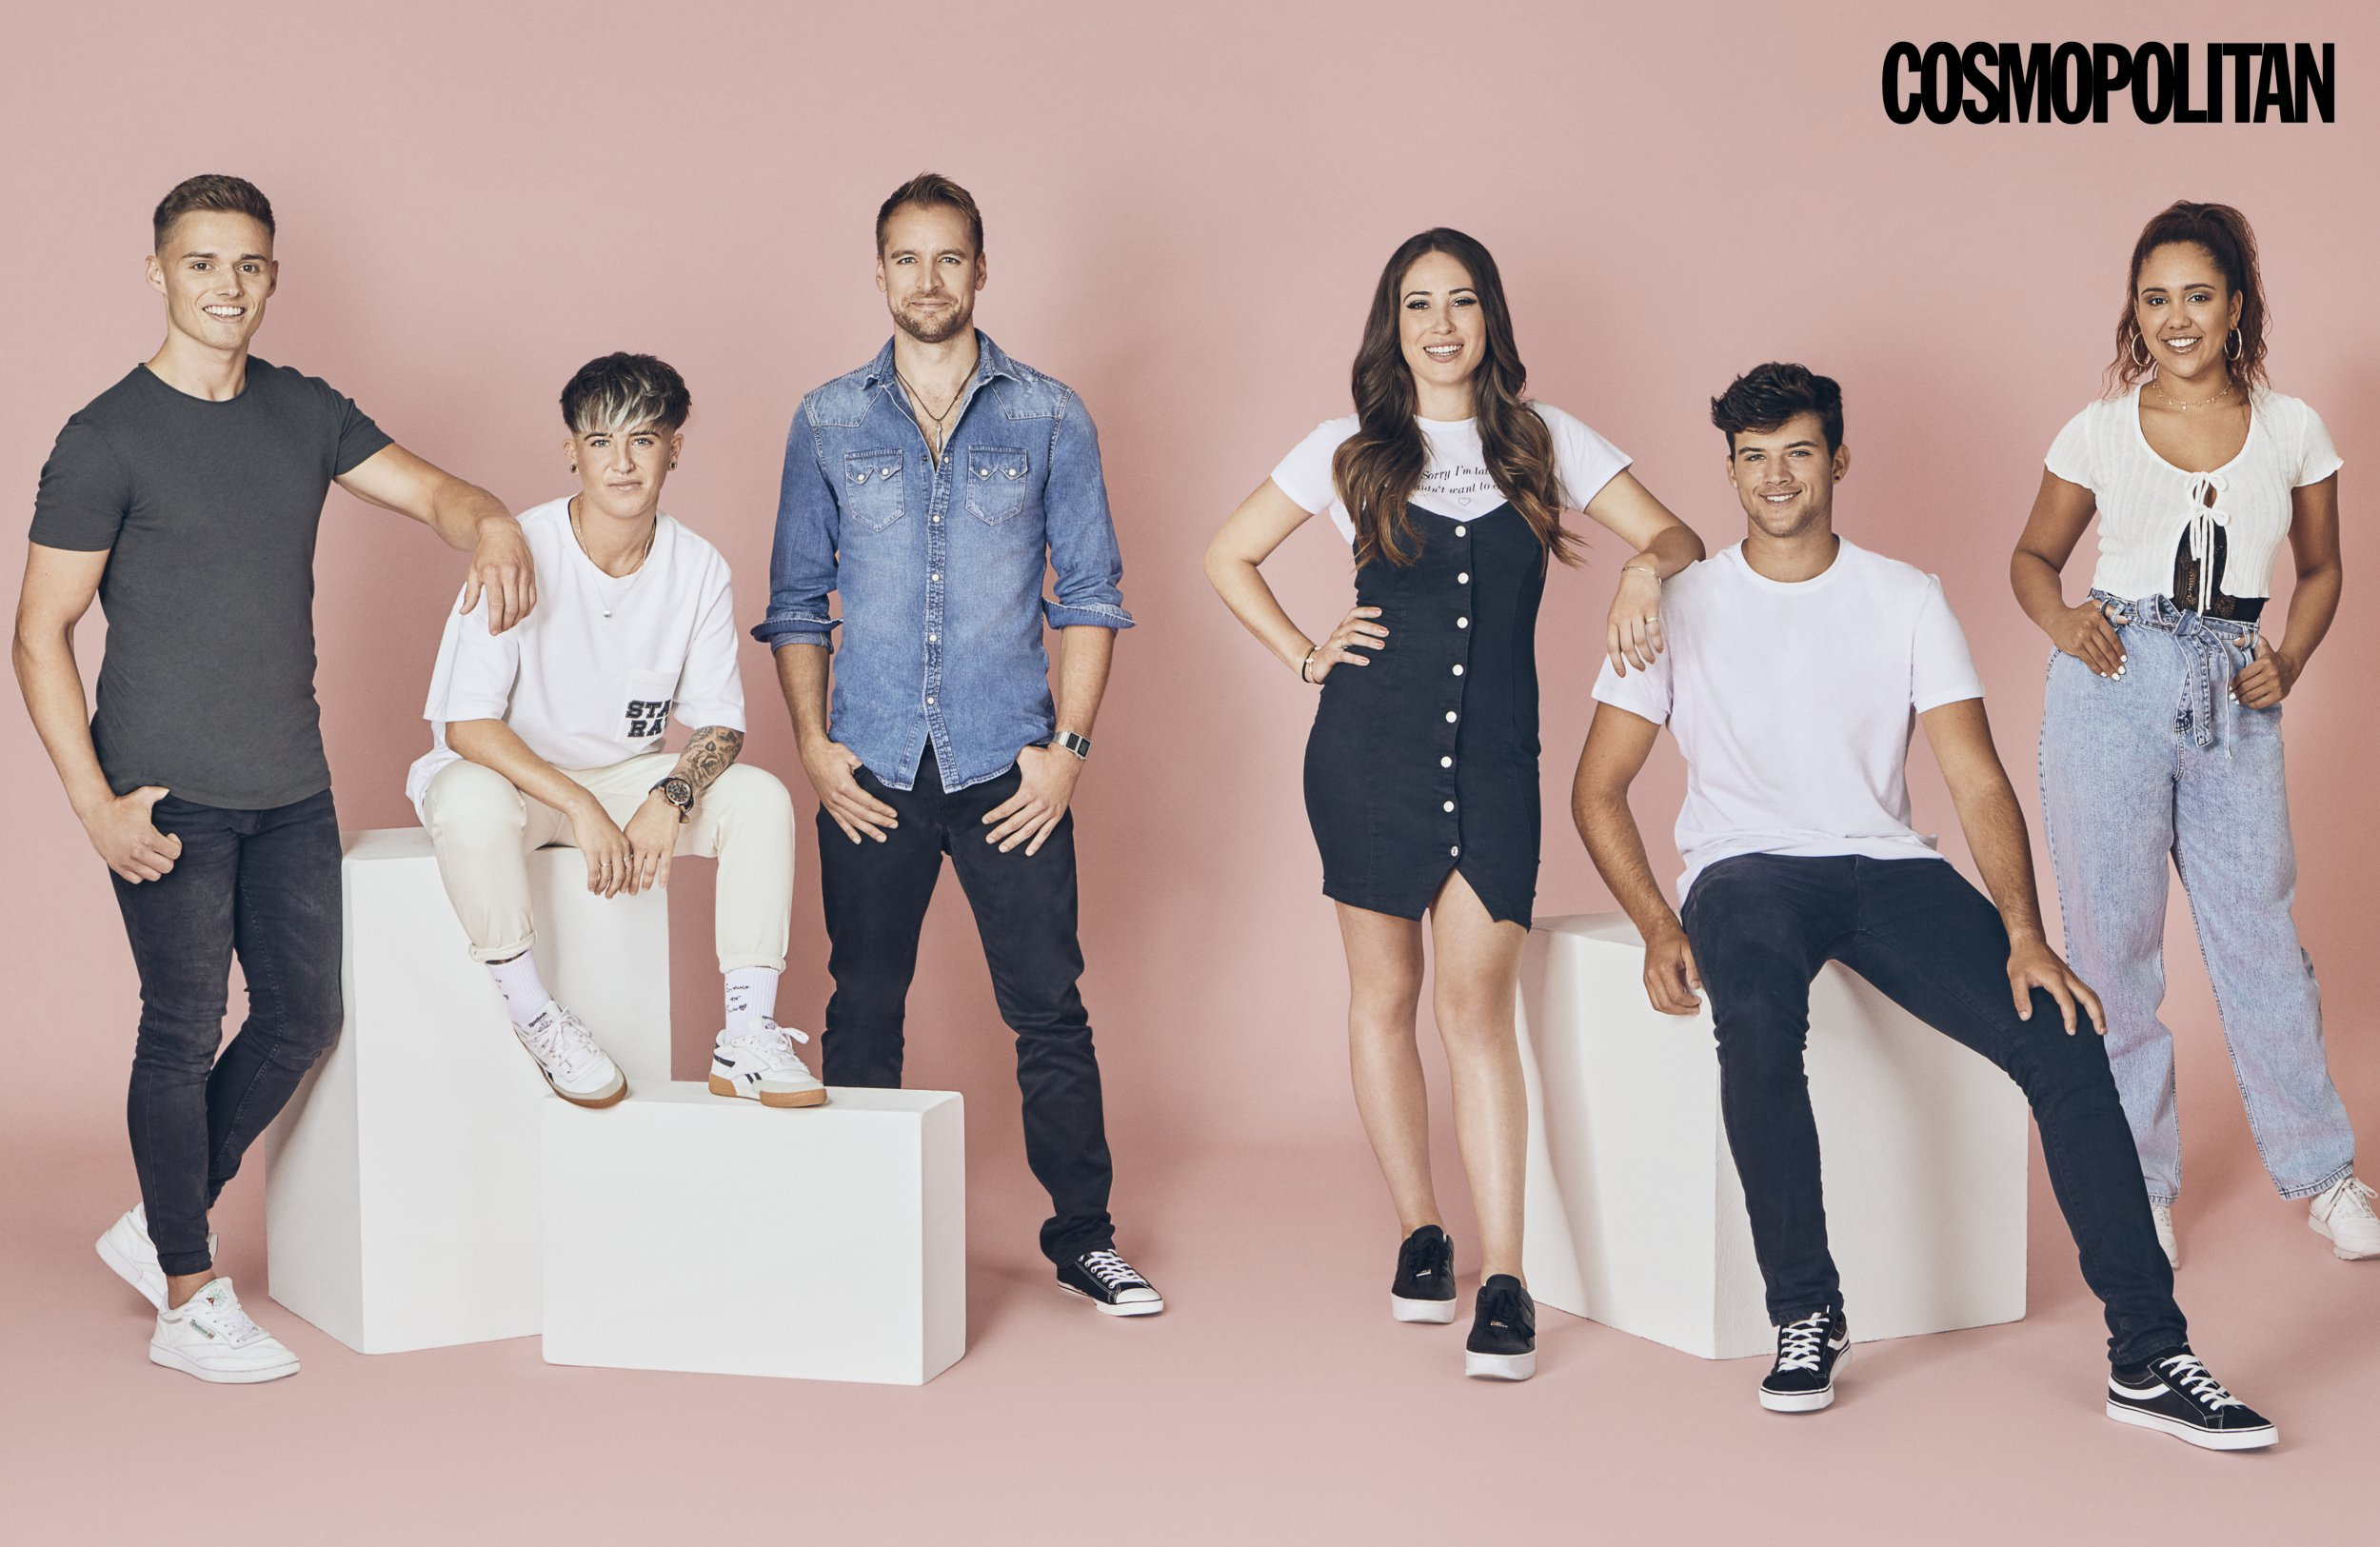 Cosmo beste online dating sites